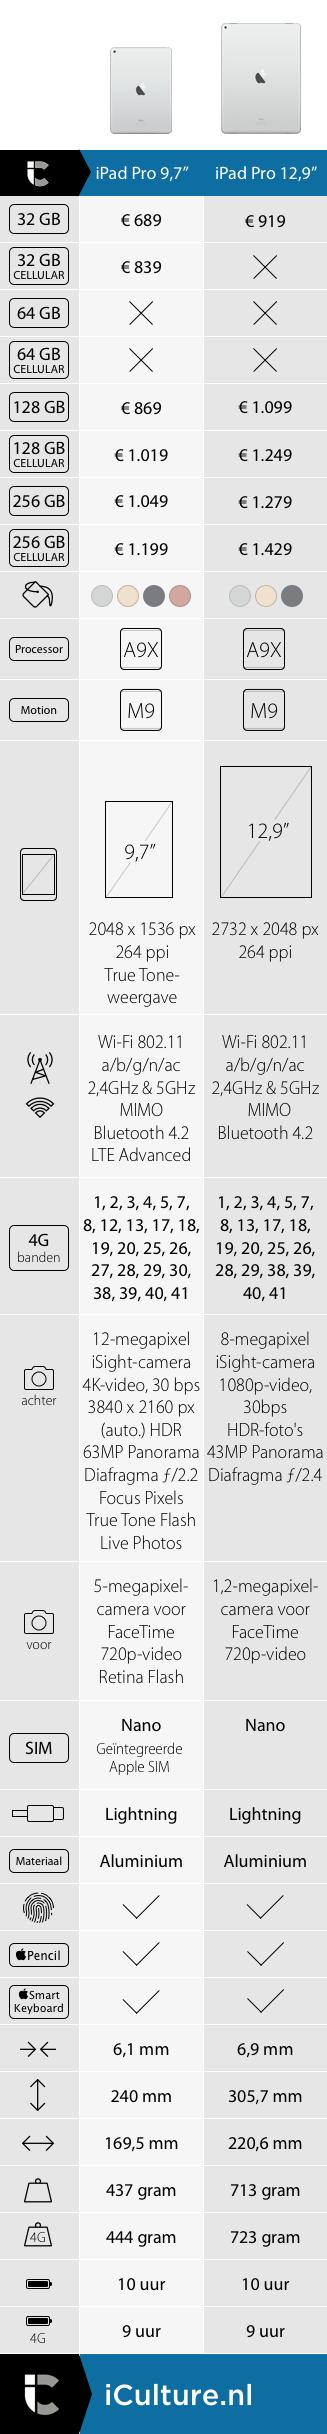 iCulture vergelijking iPad Pro 12,9 vs 9,7 inch